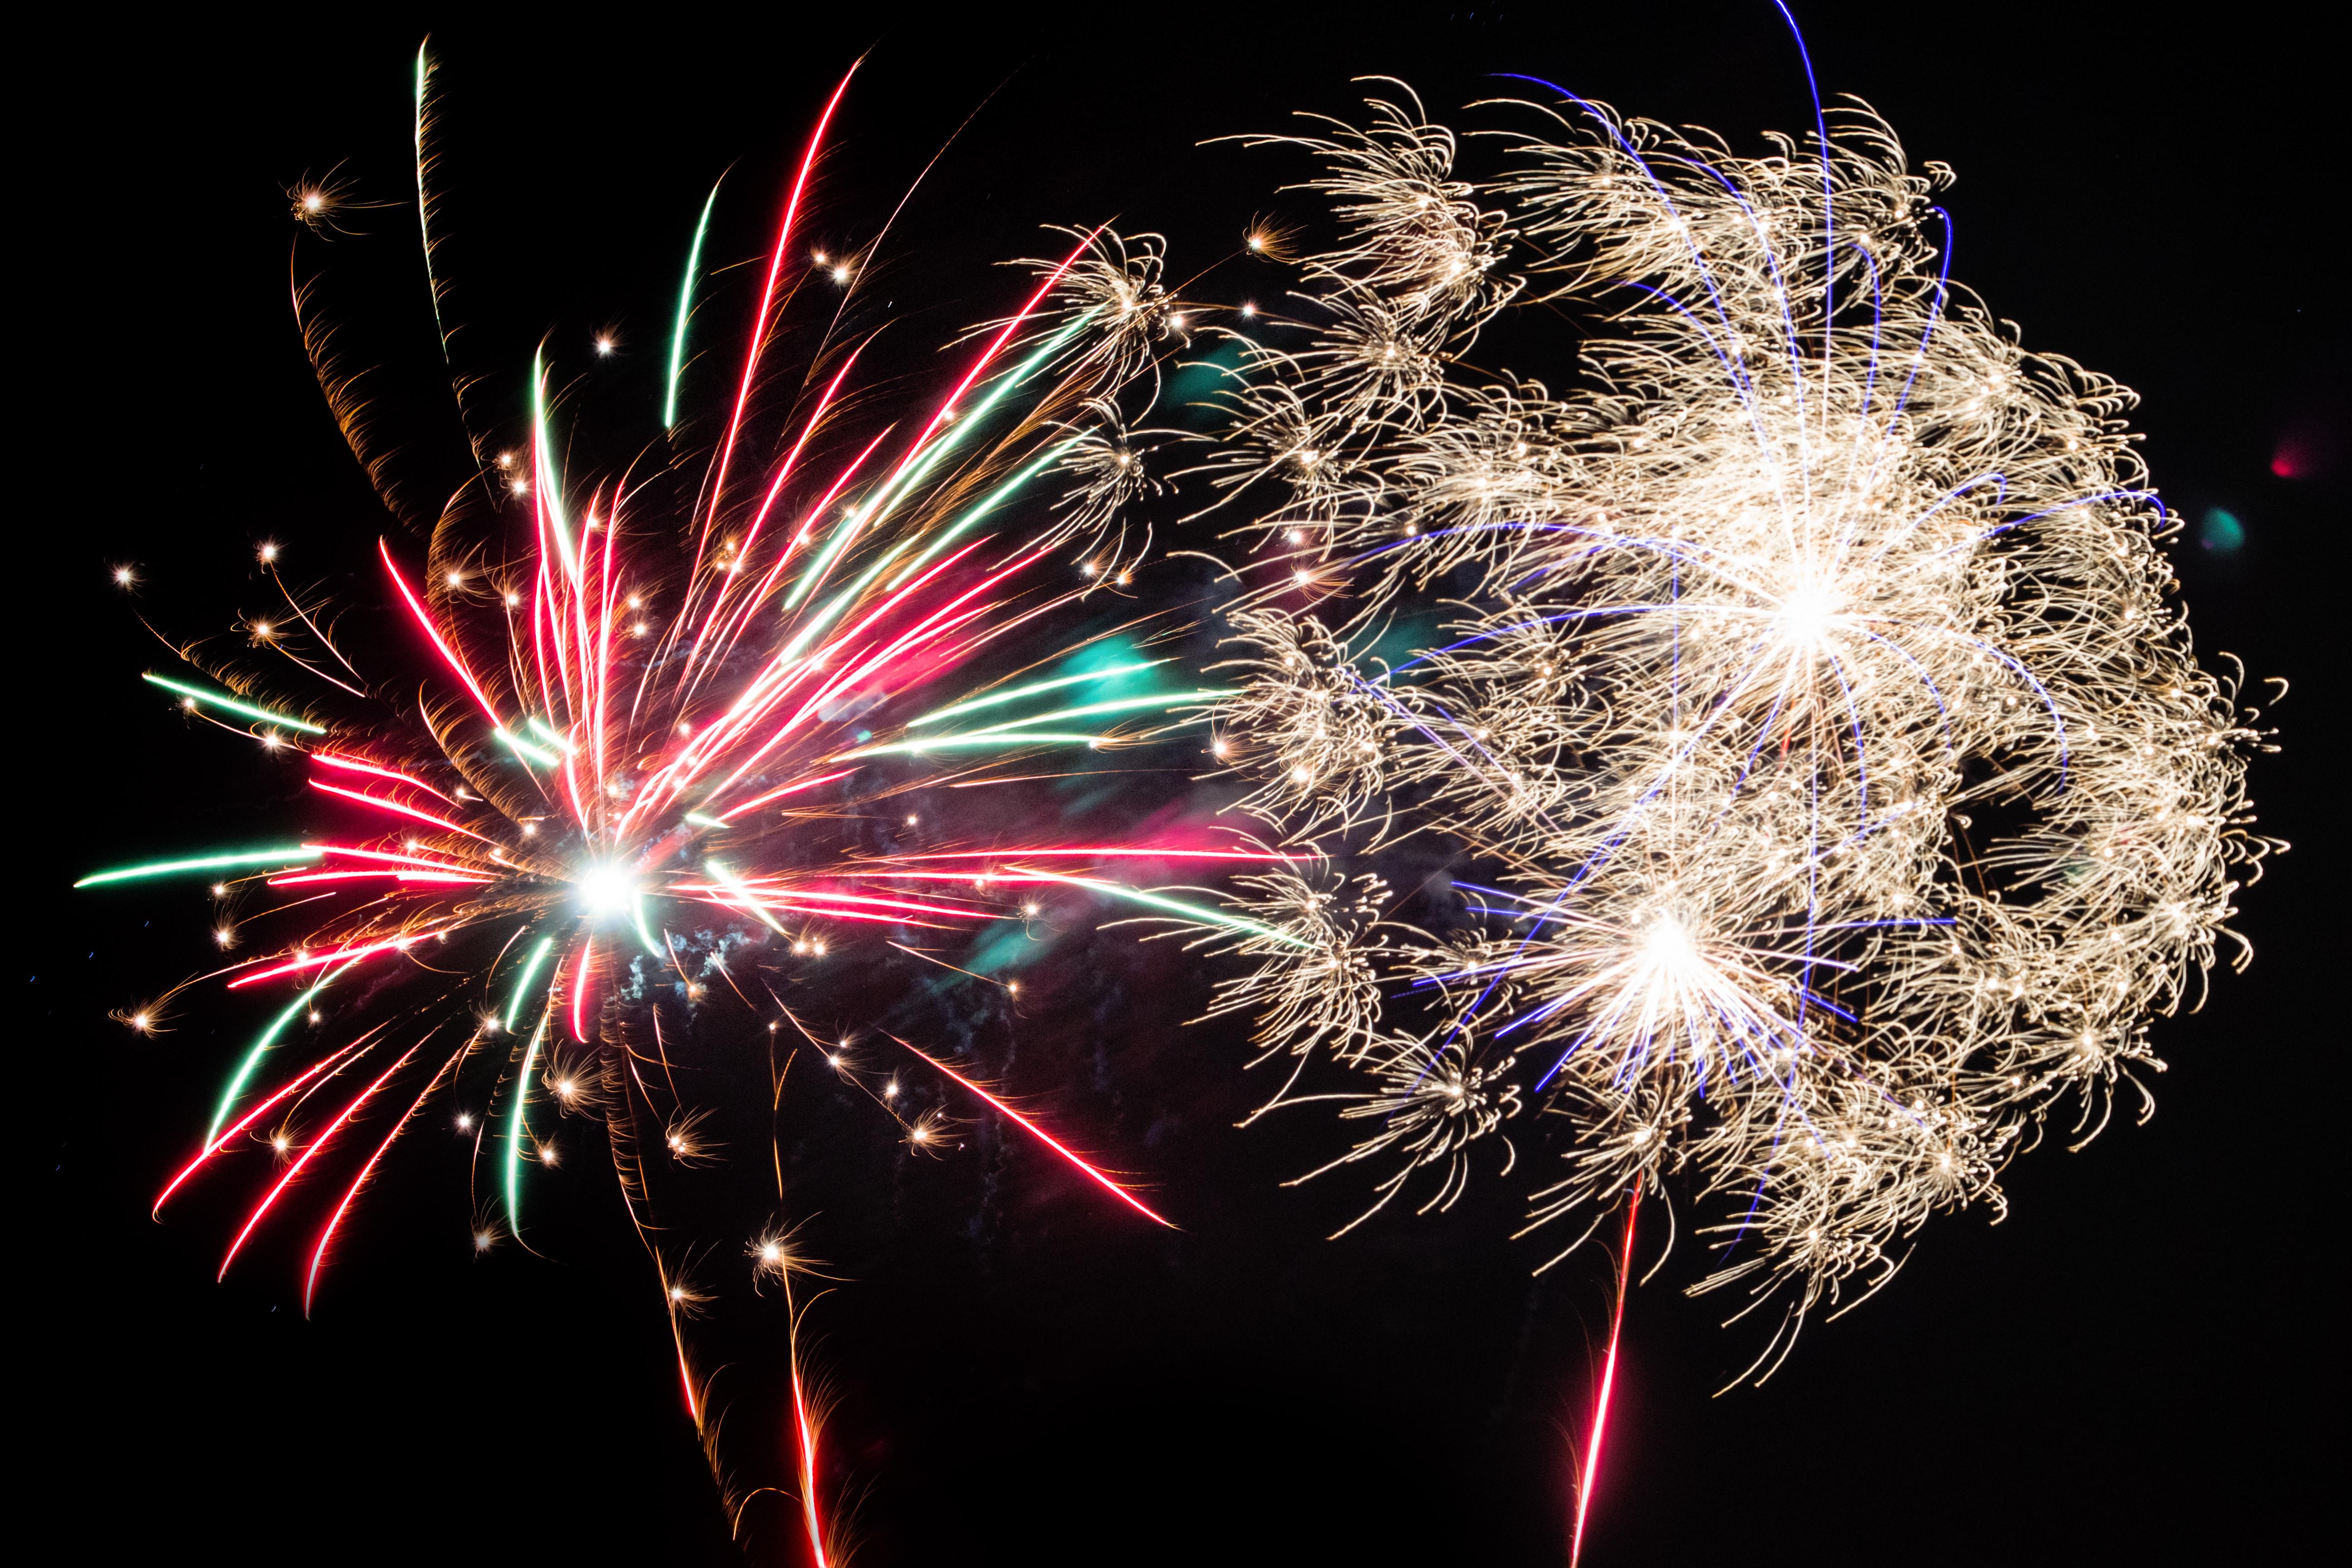 Wanneer wordt vuurwerk tijdens de jaarwisseling verleden tijd?